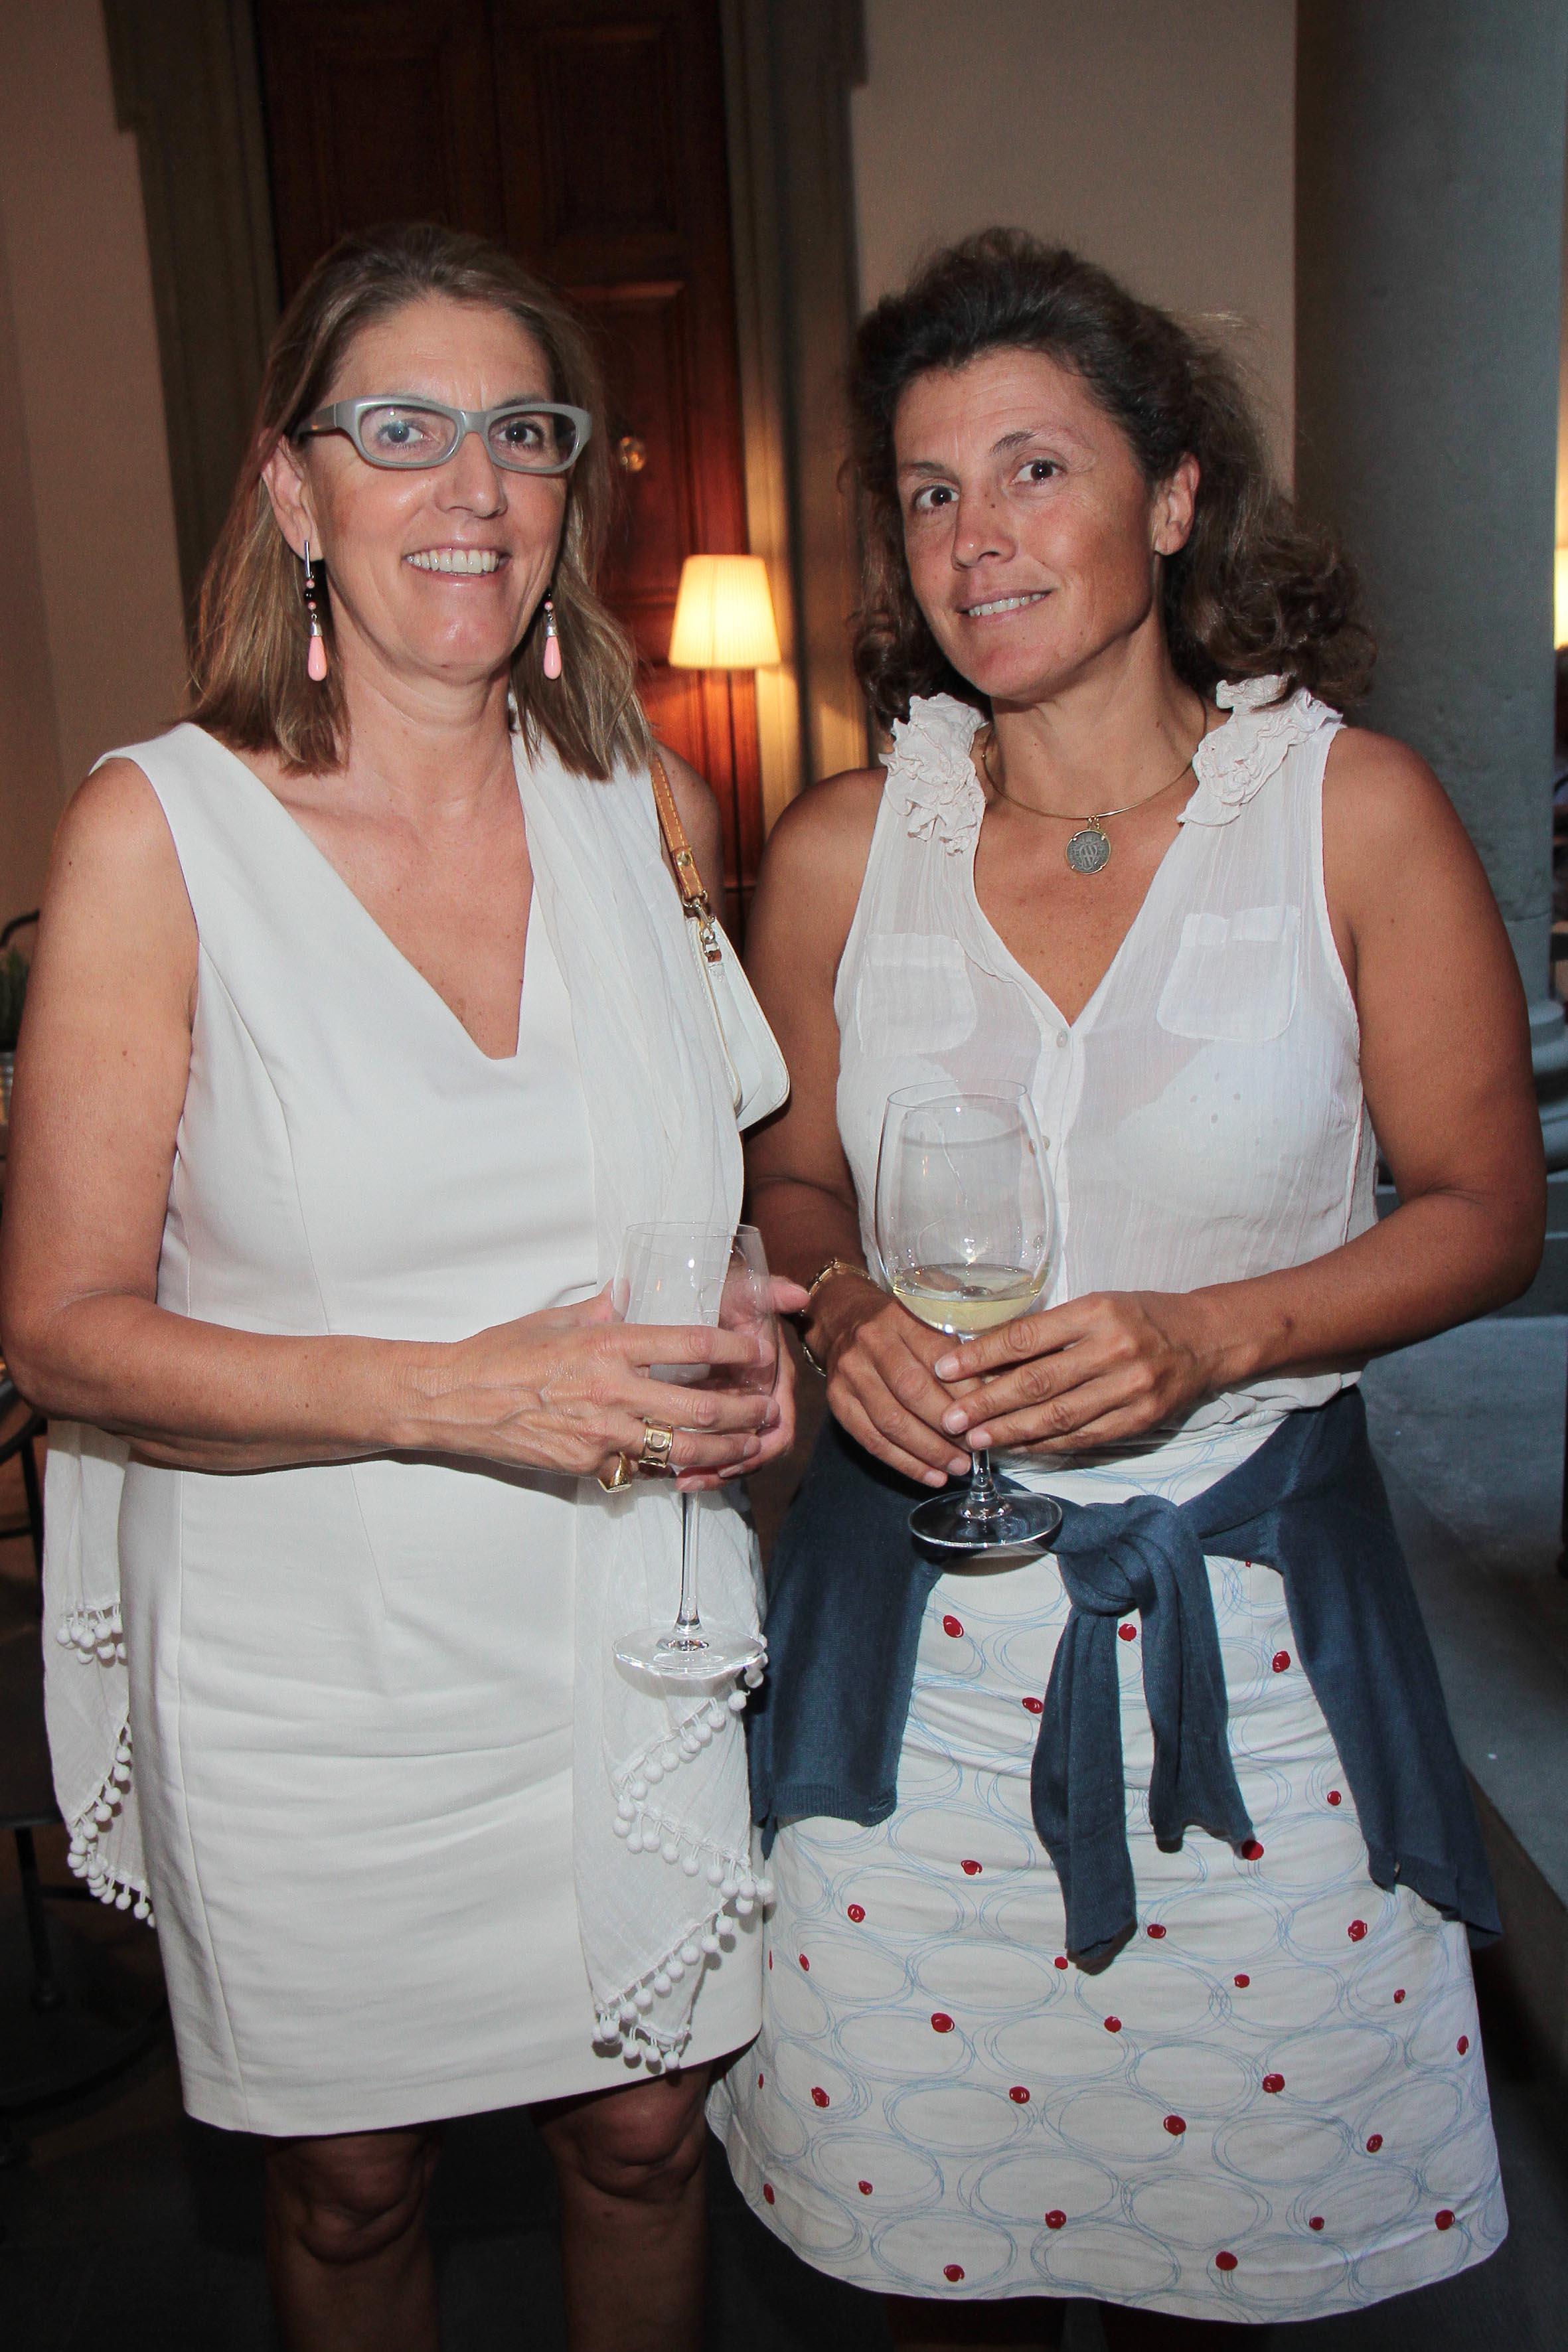 PRESSPHOTO Firenze, Obikà aperitivo. Nella foto Donatella De Peverelli e Sabina Corsini  giuseppe cabras/new press photo